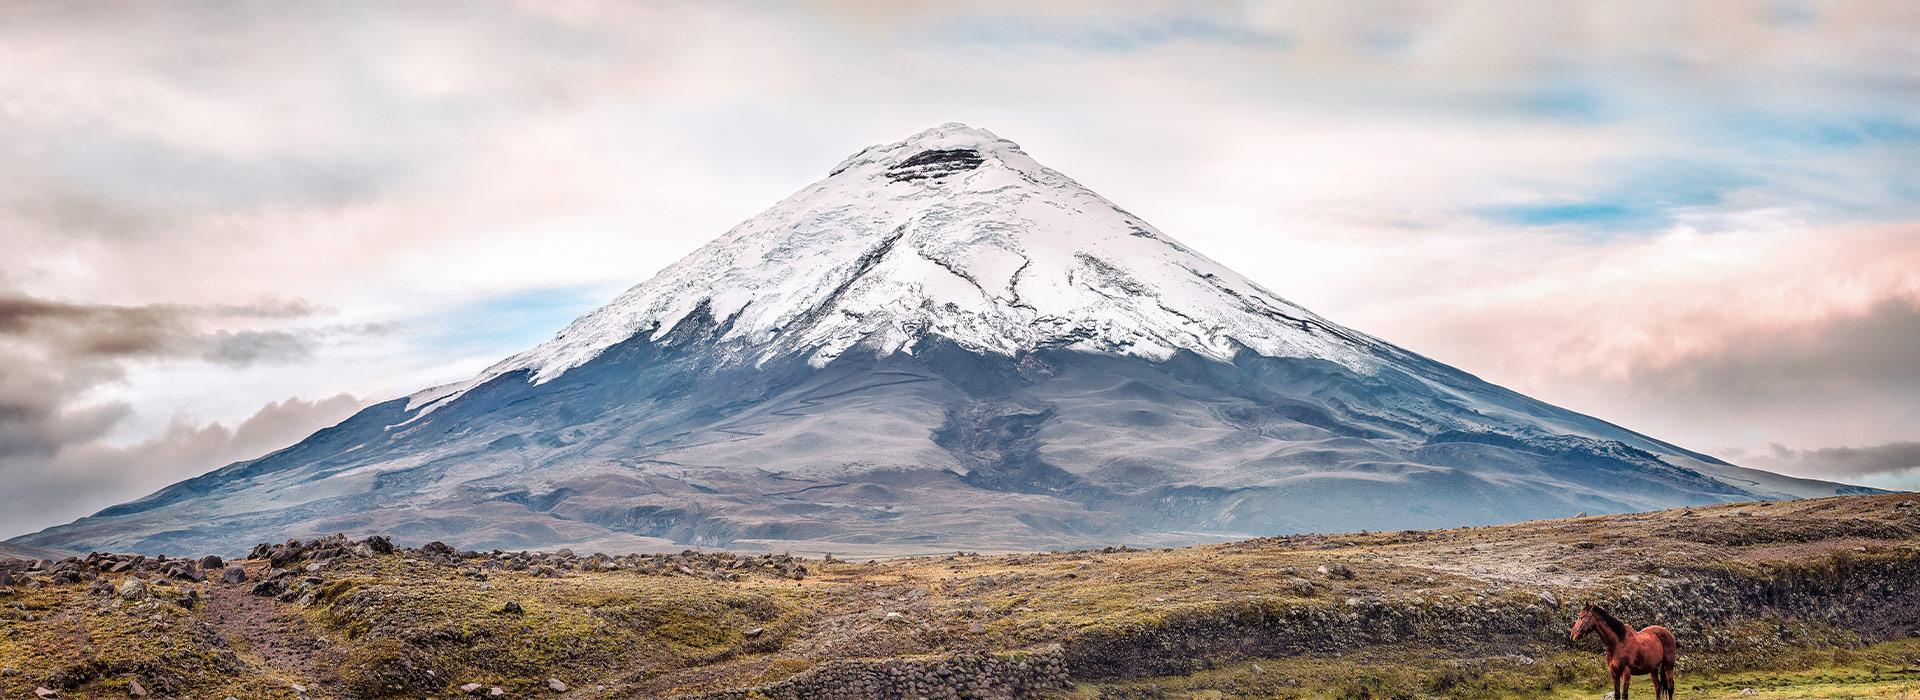 Ecuador Impression